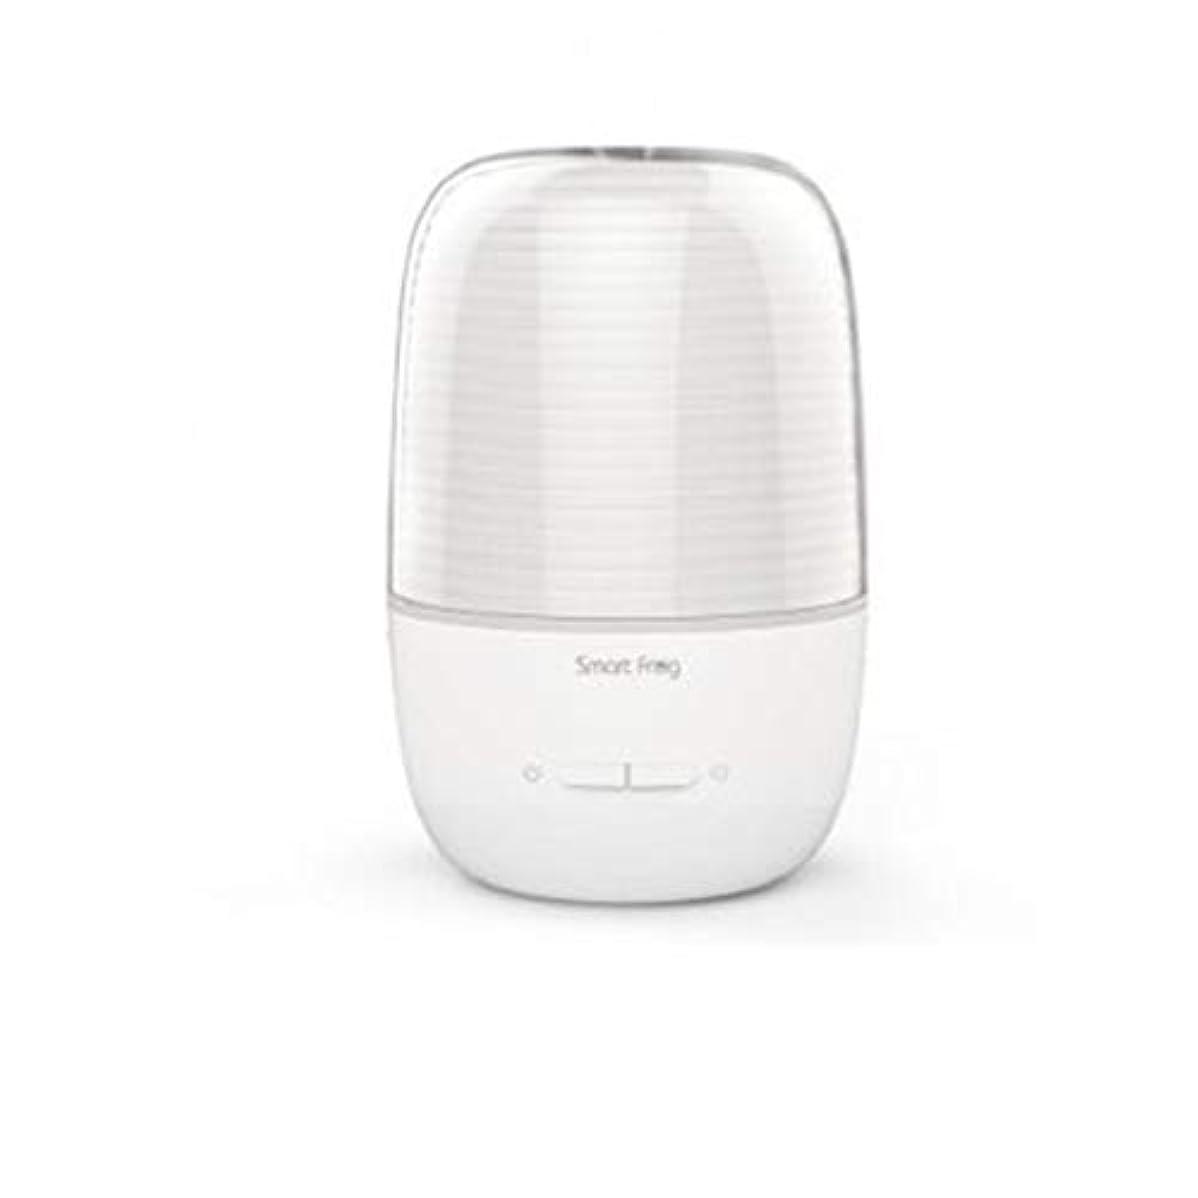 曲迅速第四130ml超音波冷たい霧の加湿器の変更家のヨガのオフィスの鉱泉の寝室の拡散器 (Color : White)